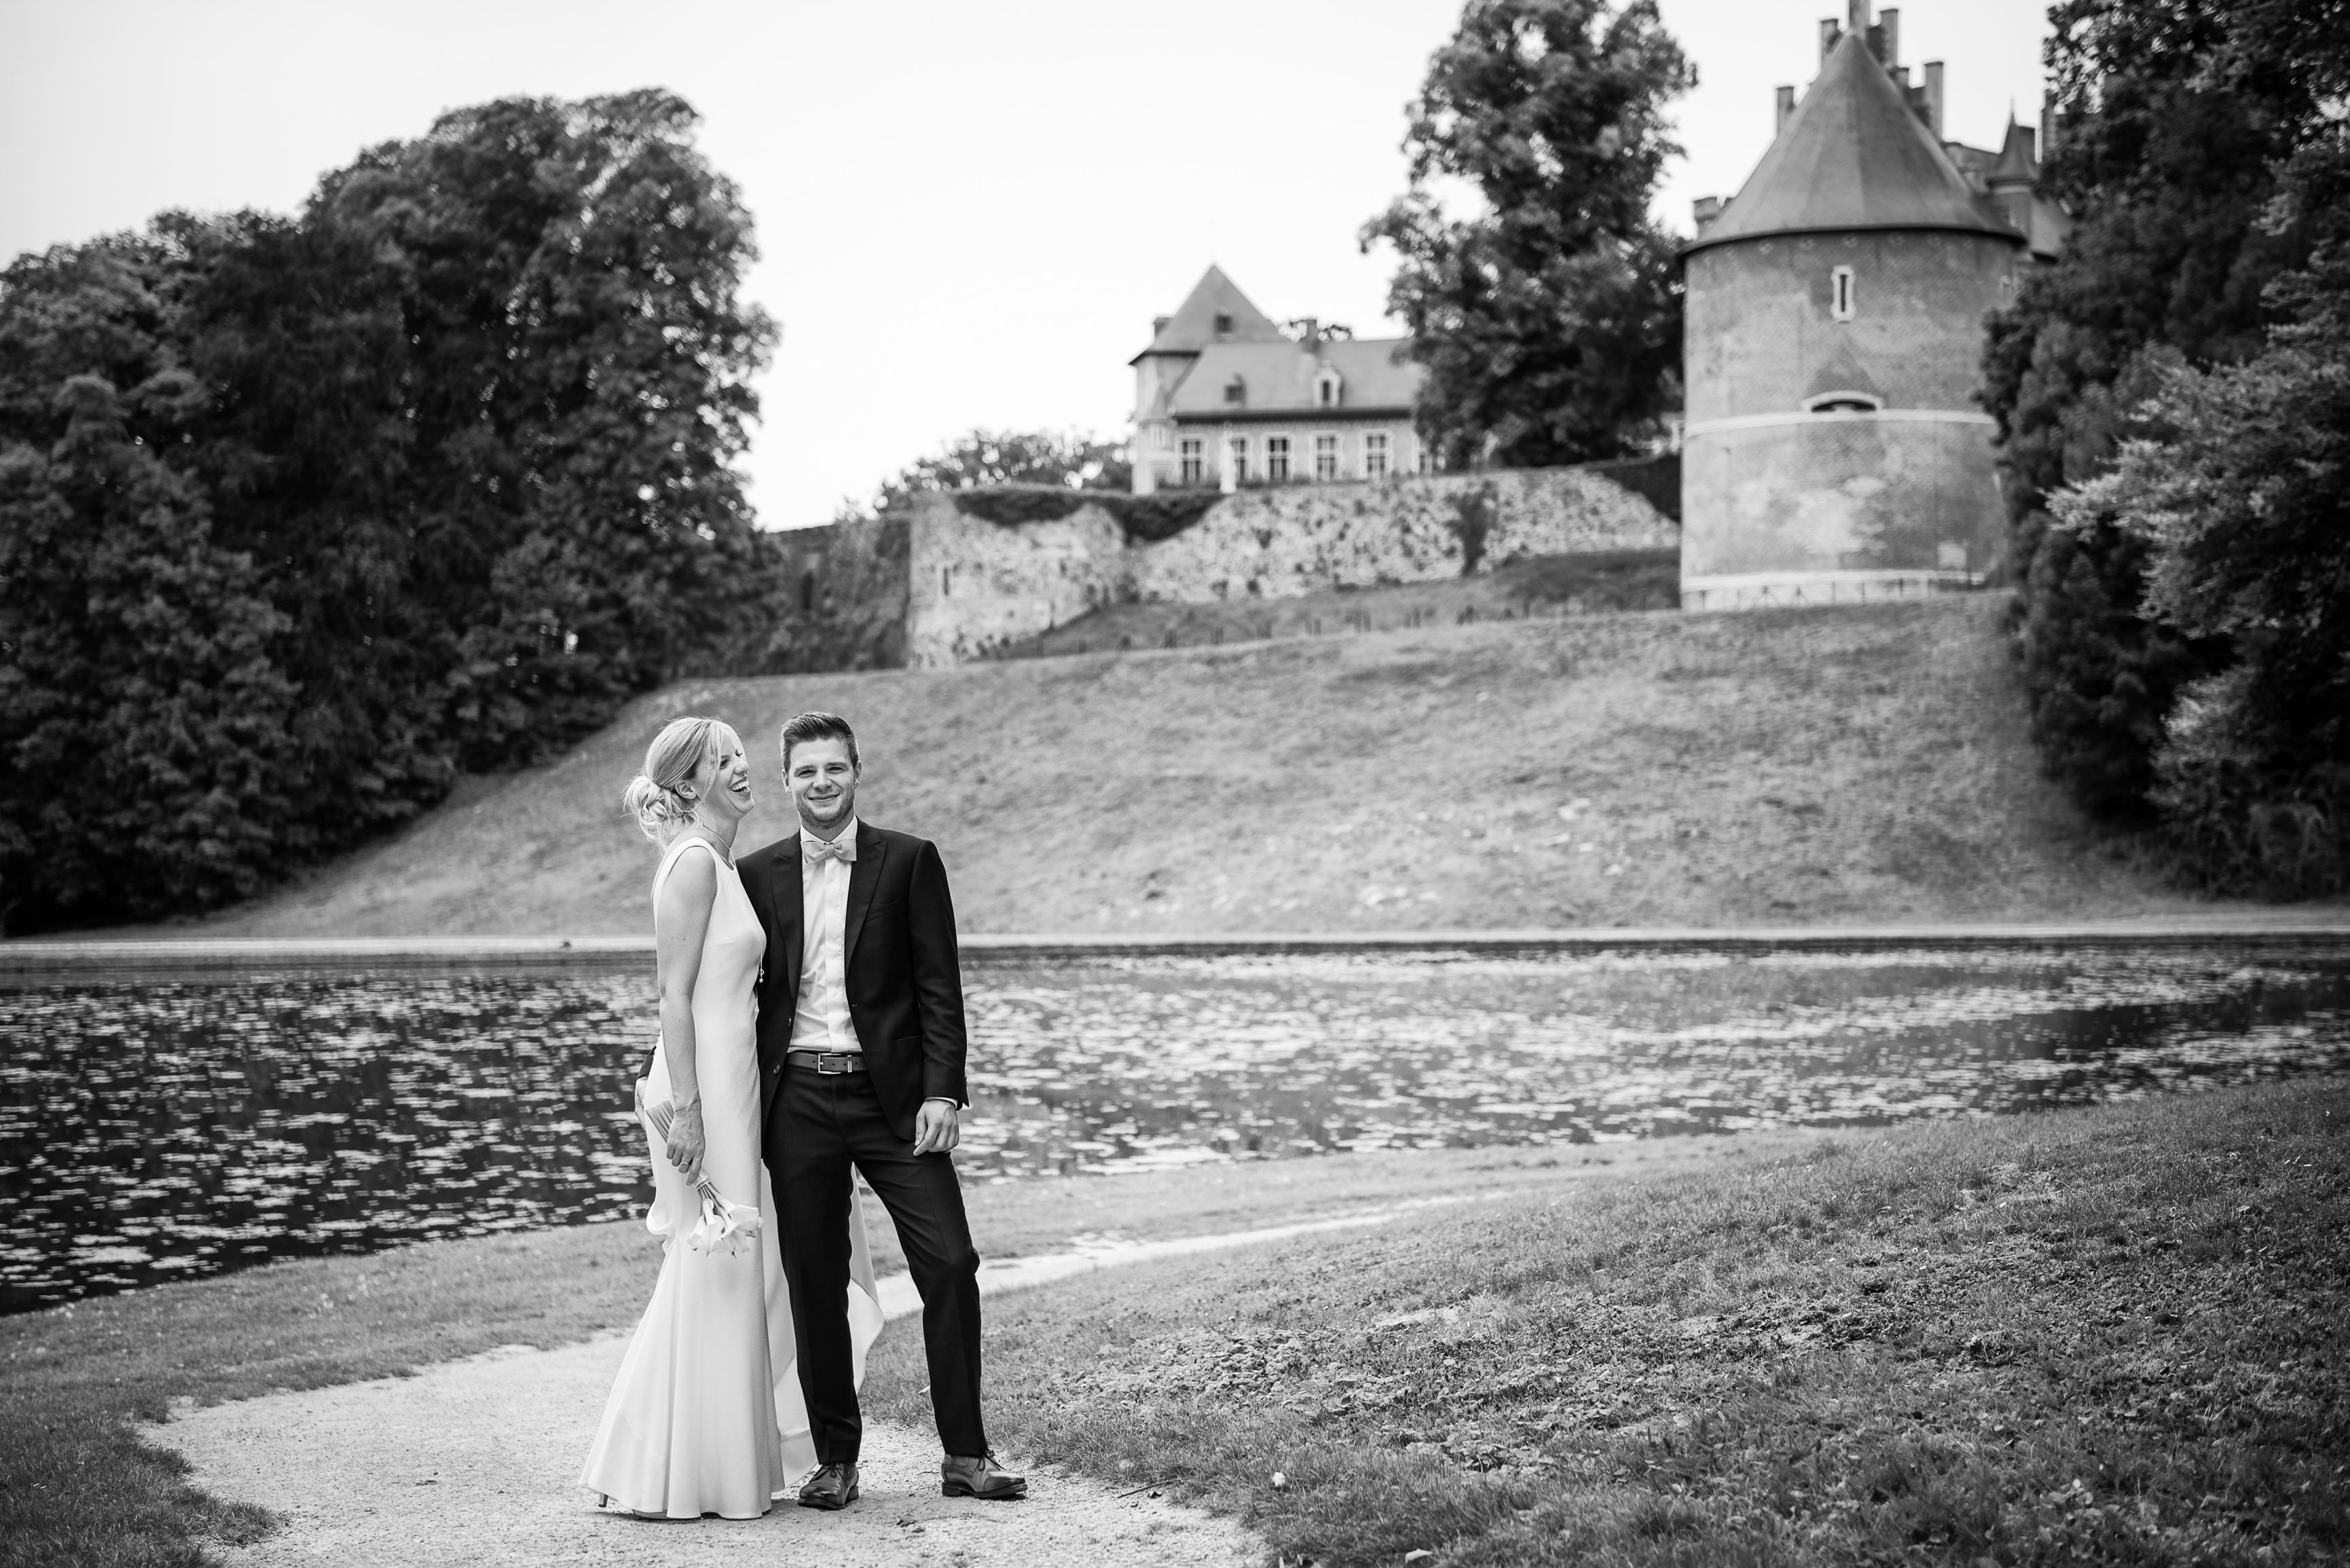 kasteel van Gaasbeek als decor voor huwelijksreportage Willem De Leeuw